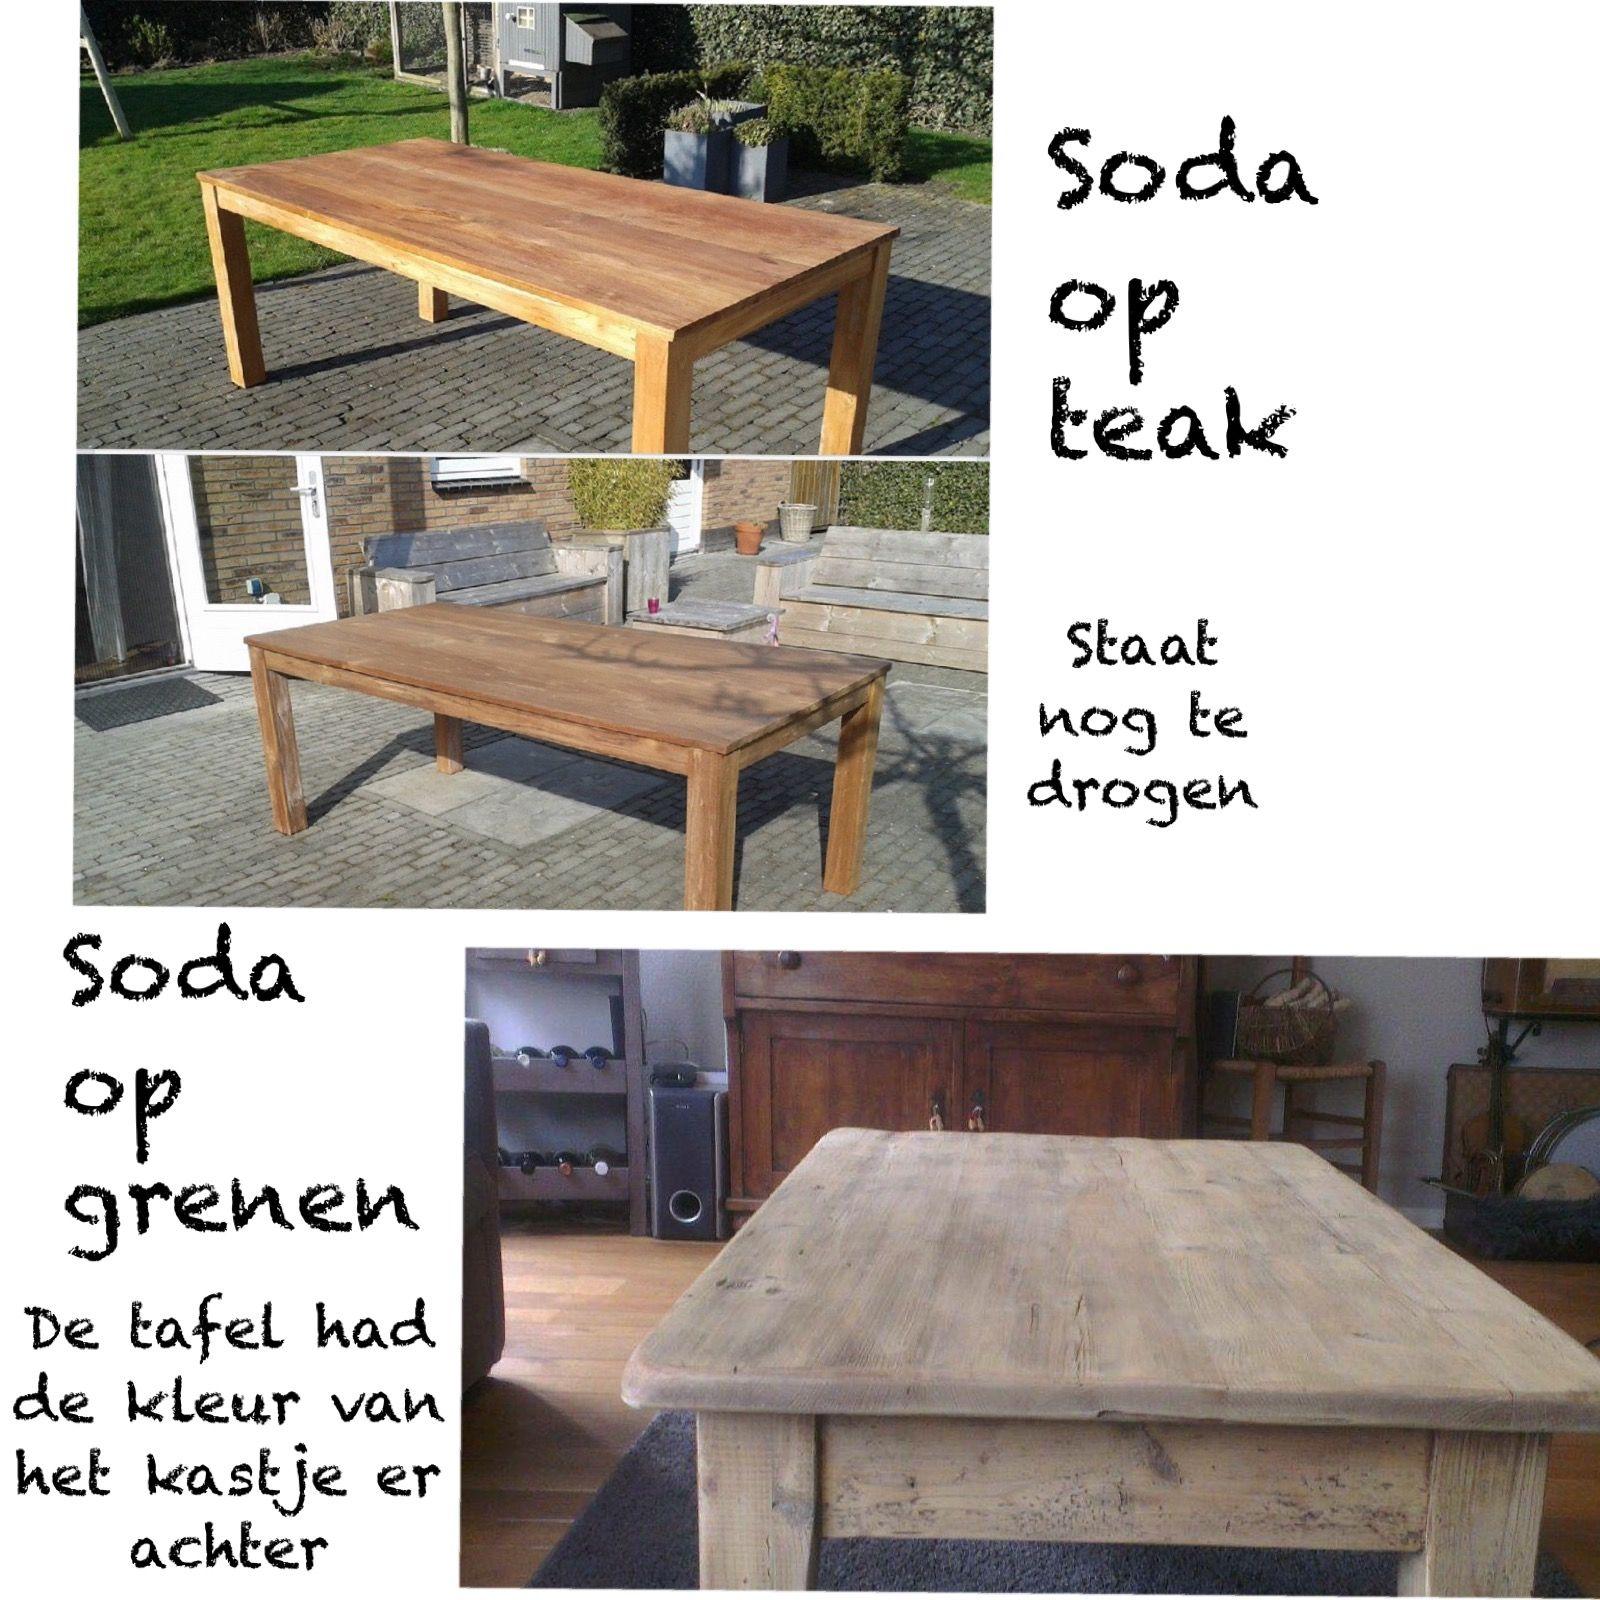 Image3 Mbel Pinterest Furniture Diy And Vernis Blinken Reupholster Making Refurbished Upcycled Makeover